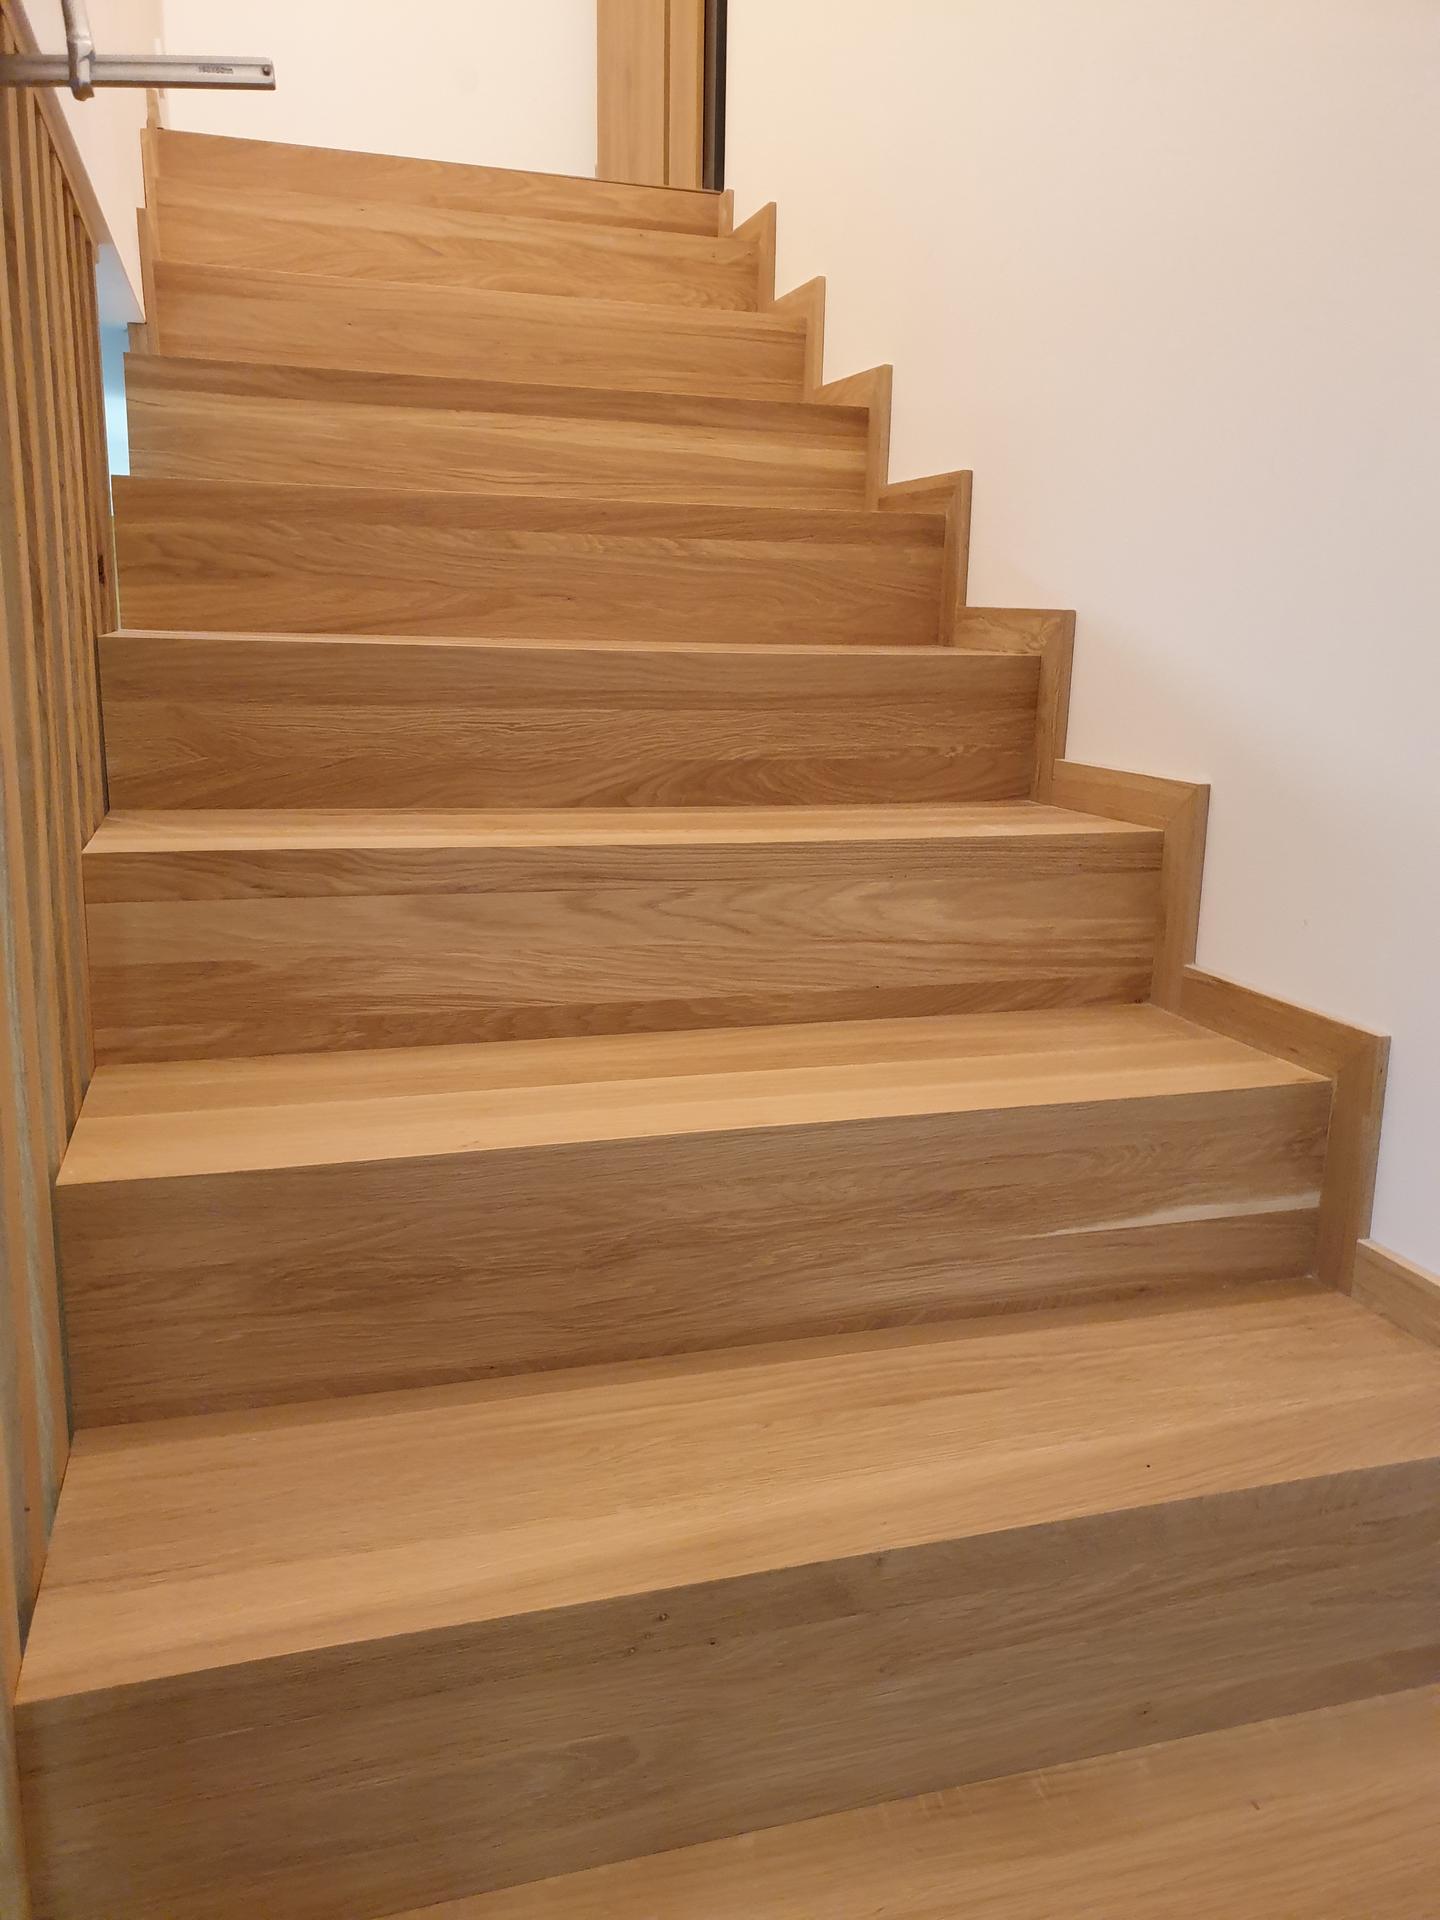 Moderné schodisko - DUB + lamely - Obrázok č. 10